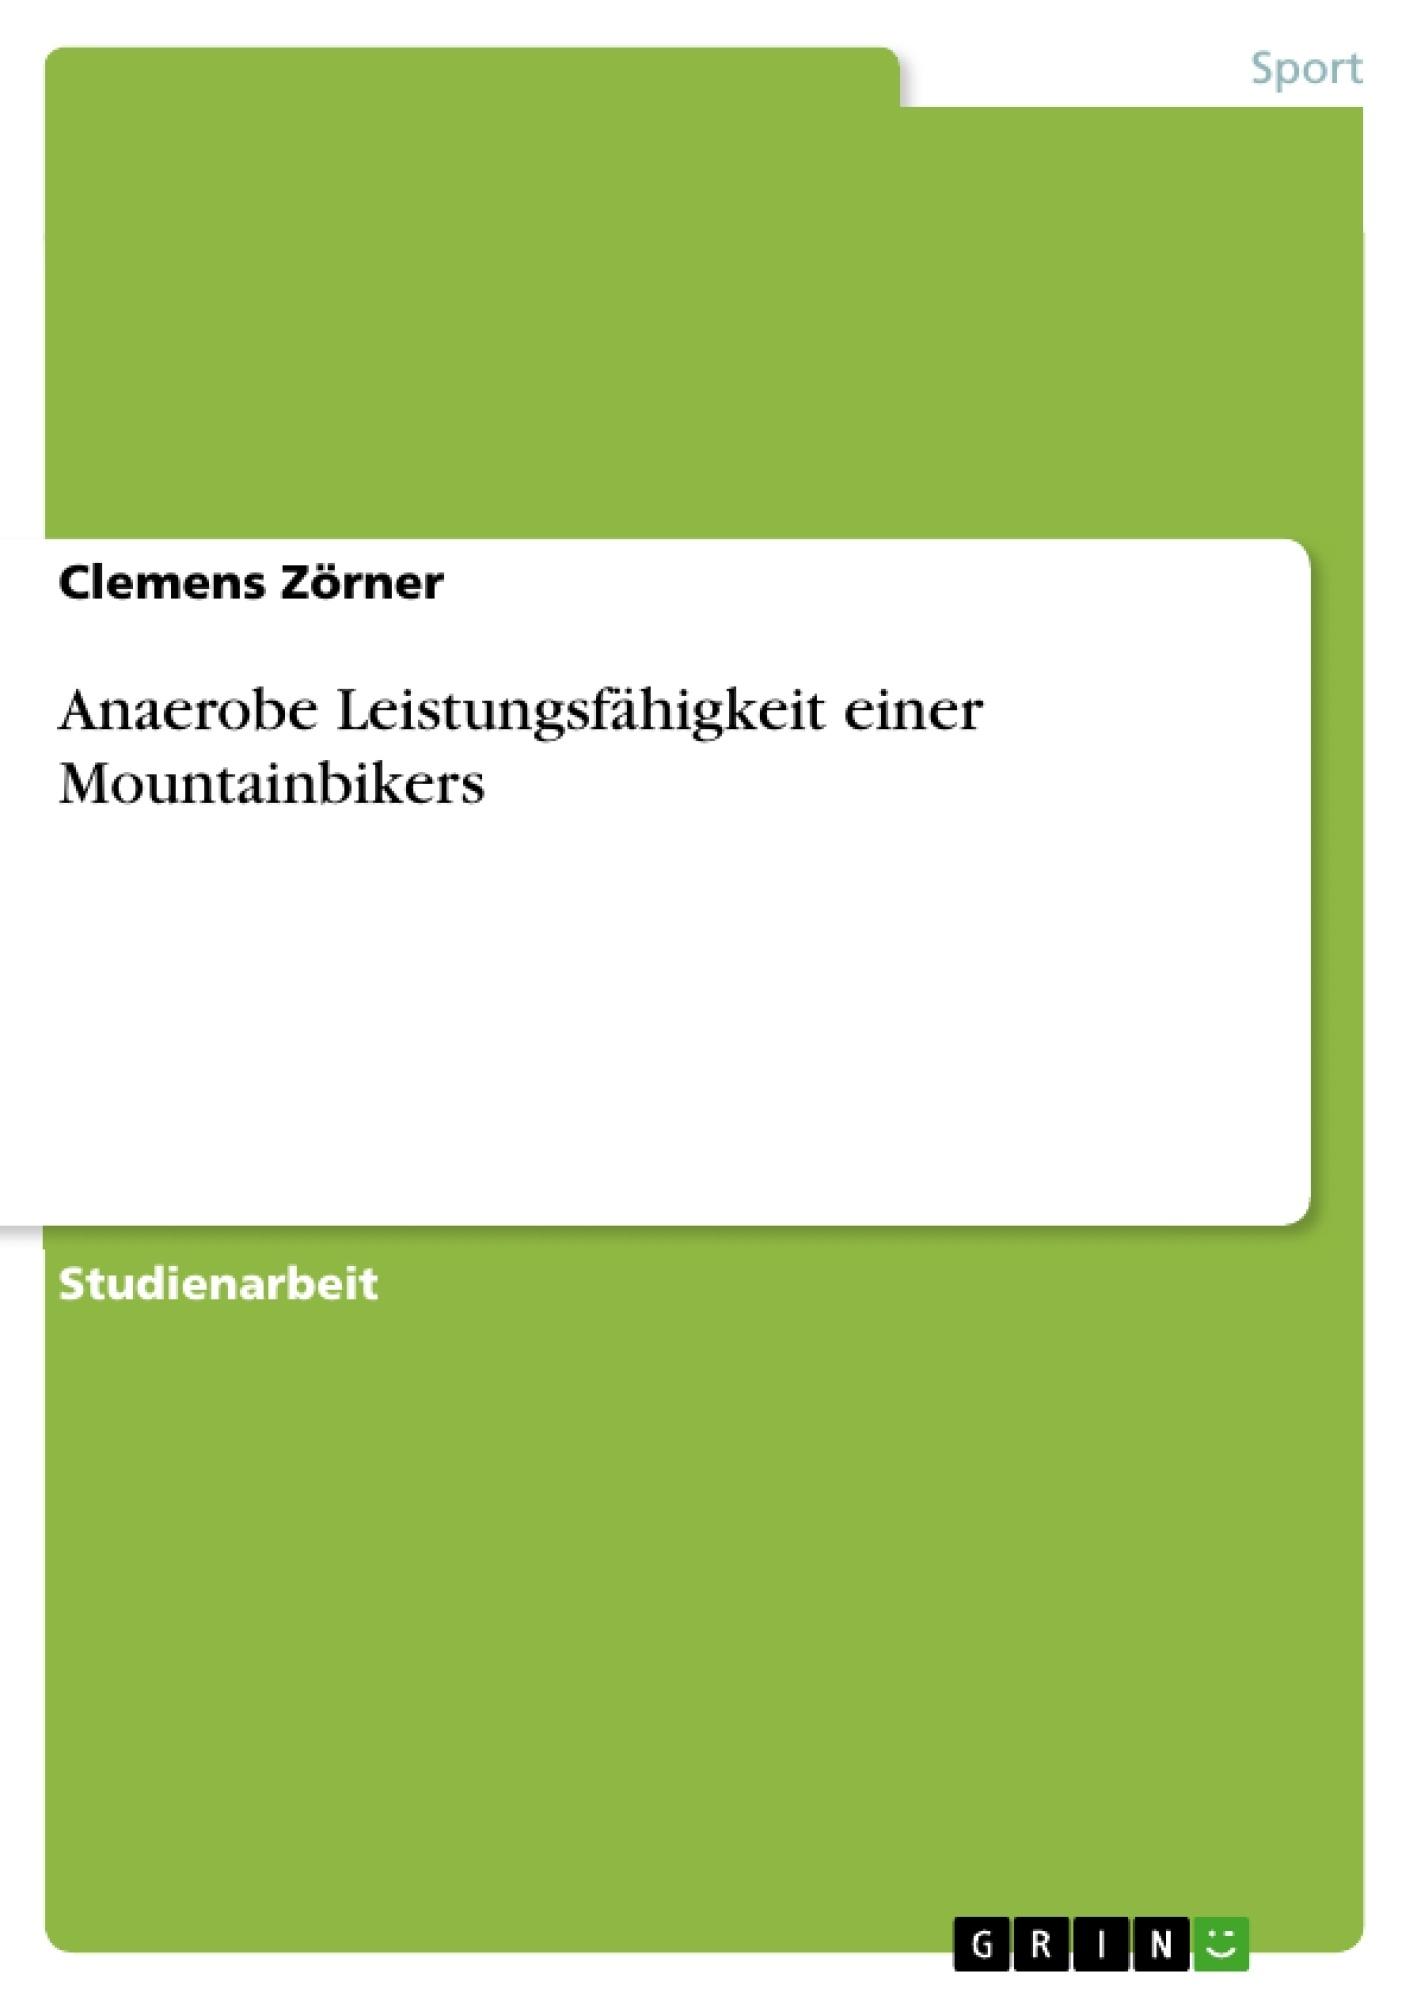 Titel: Anaerobe Leistungsfähigkeit einer Mountainbikers